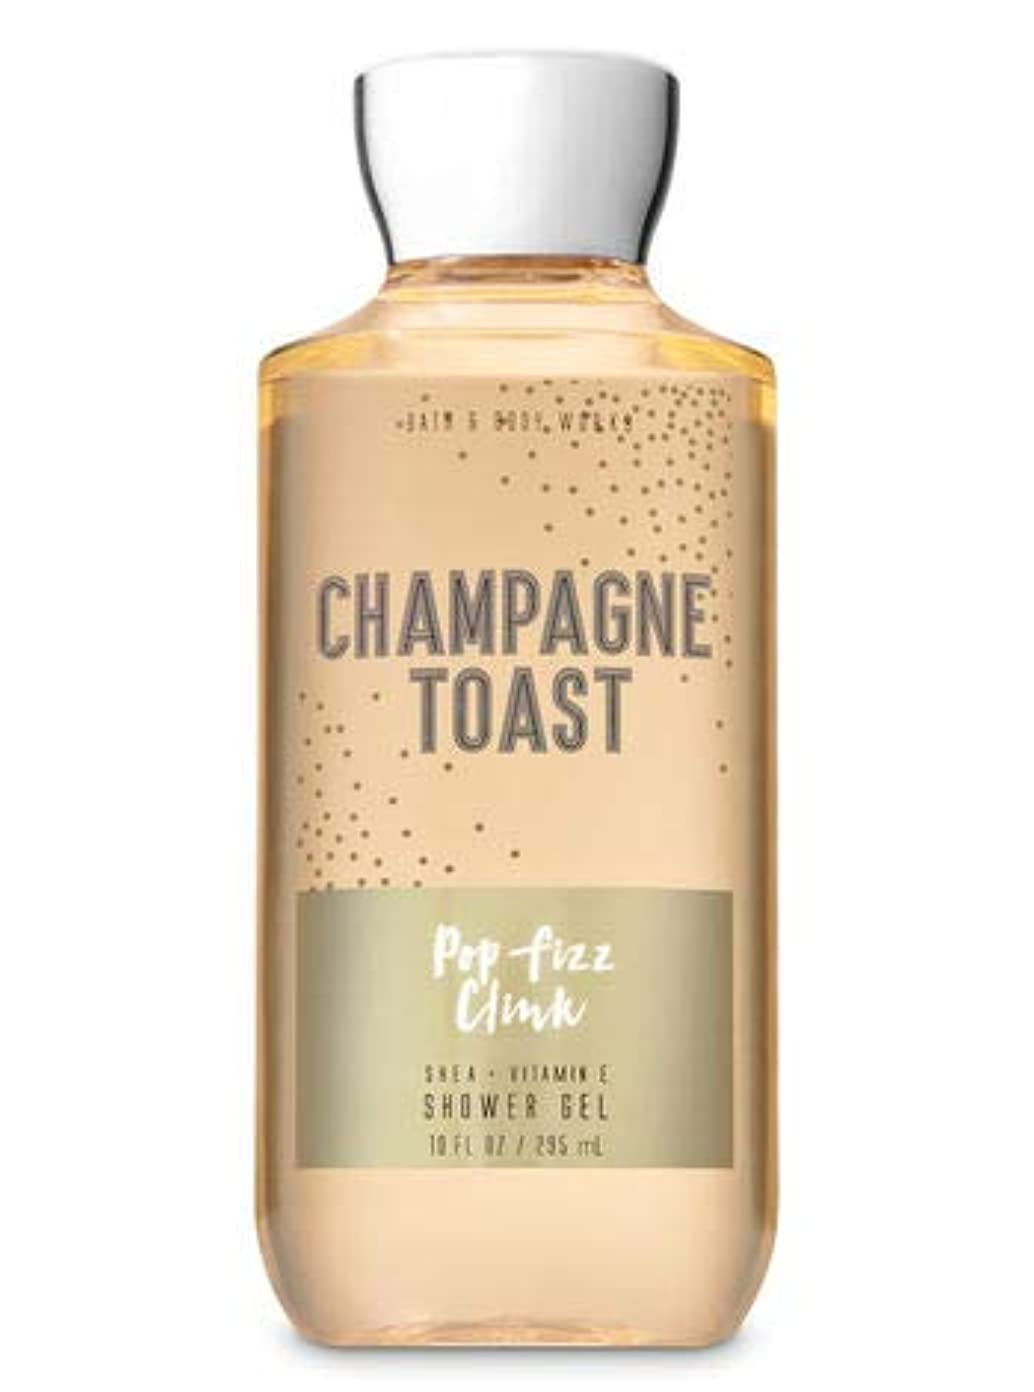 アーティファクト眉適応的【Bath&Body Works/バス&ボディワークス】 シャワージェル シャンパントースト Shower Gel Champagne Toast 10 fl oz / 295 mL [並行輸入品]